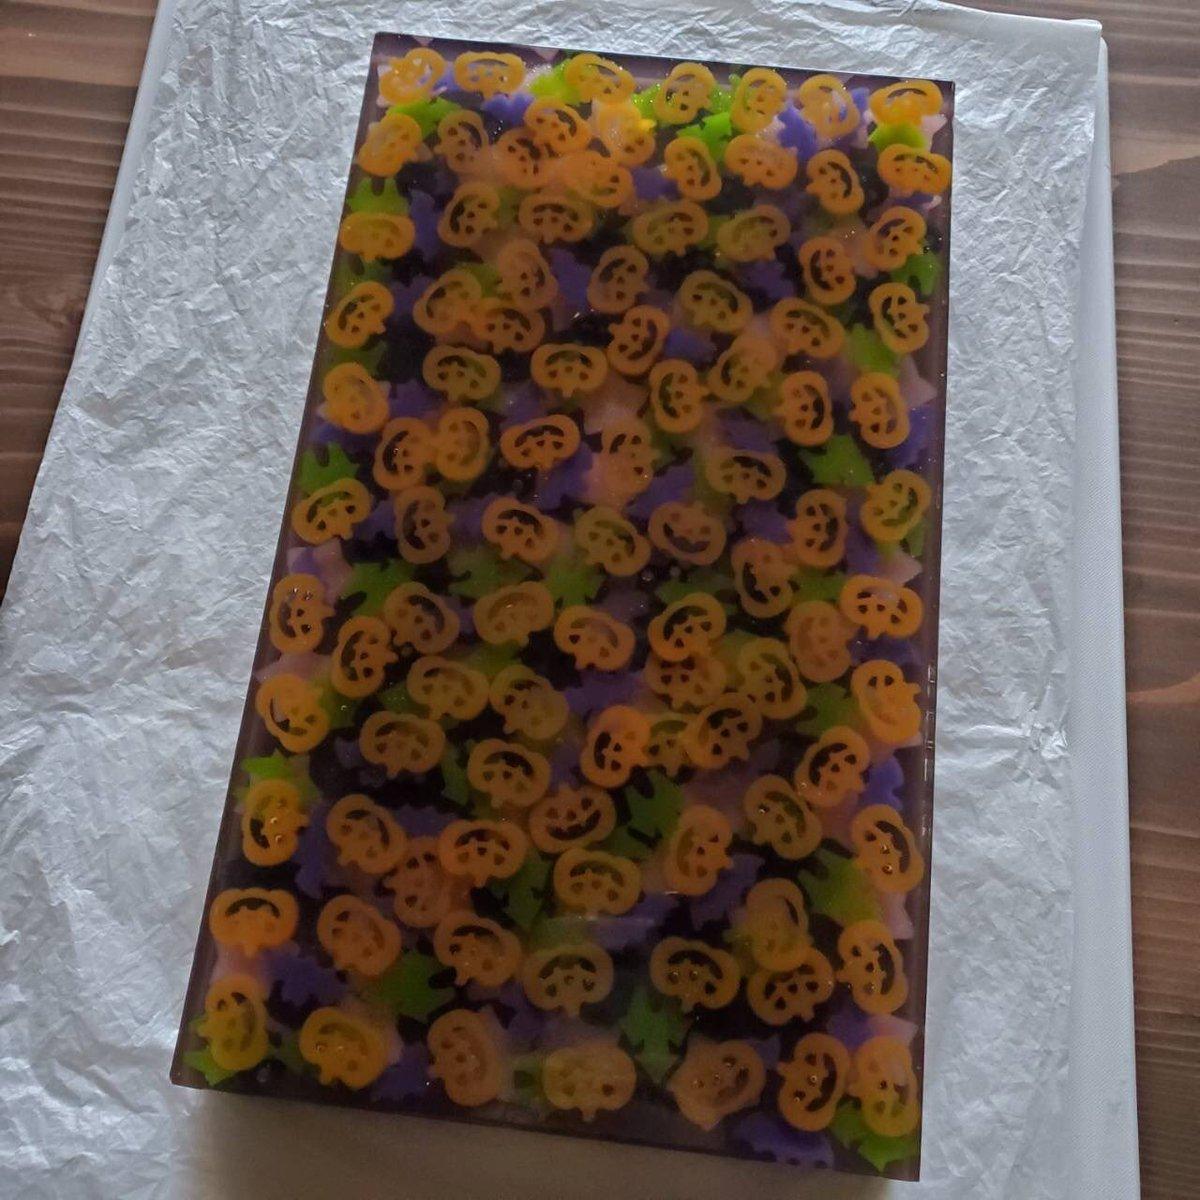 可愛的萬聖節主題蛋糕 Ej8jUwuU4AA1eyo